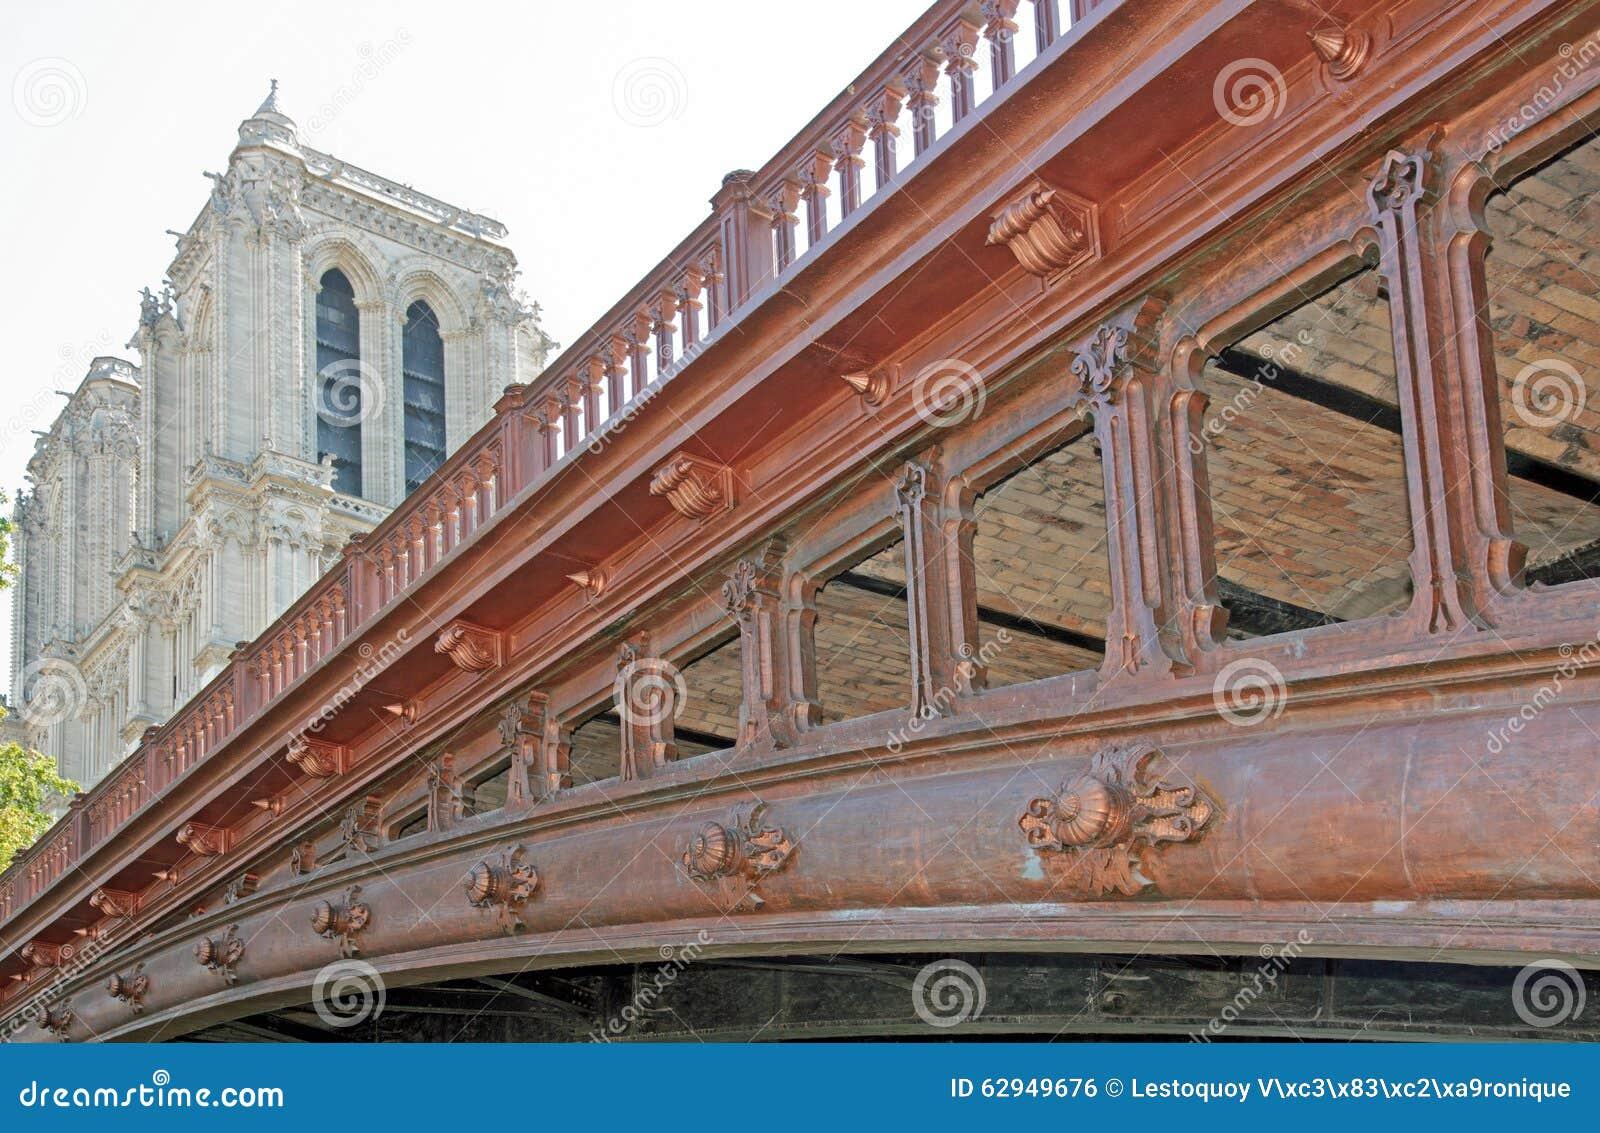 Pont kopia w Paryż, szczegółu widok (Dwoisty most) (Francja)